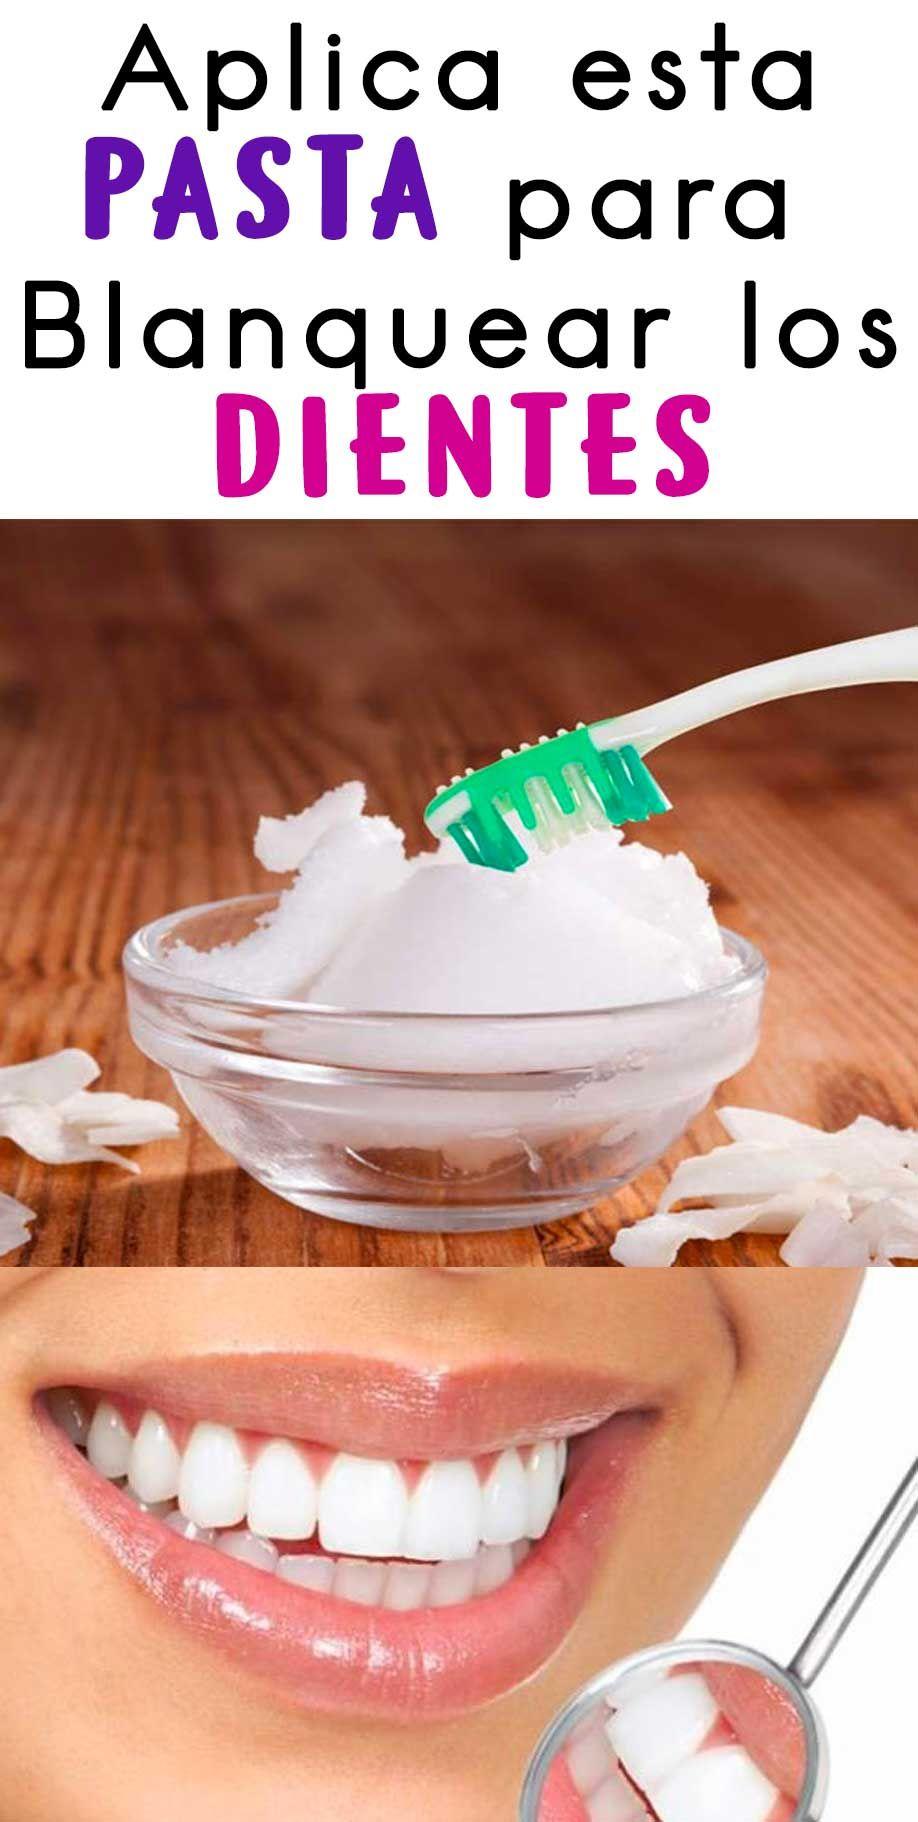 Descubre Por Qué El Aceite De Coco Y La Curcuma Funciona Como Pasta Dental Esta Pasta Dental Casera Es Muy Buena Para Cepillar Los Dient Dental Food Breakfast